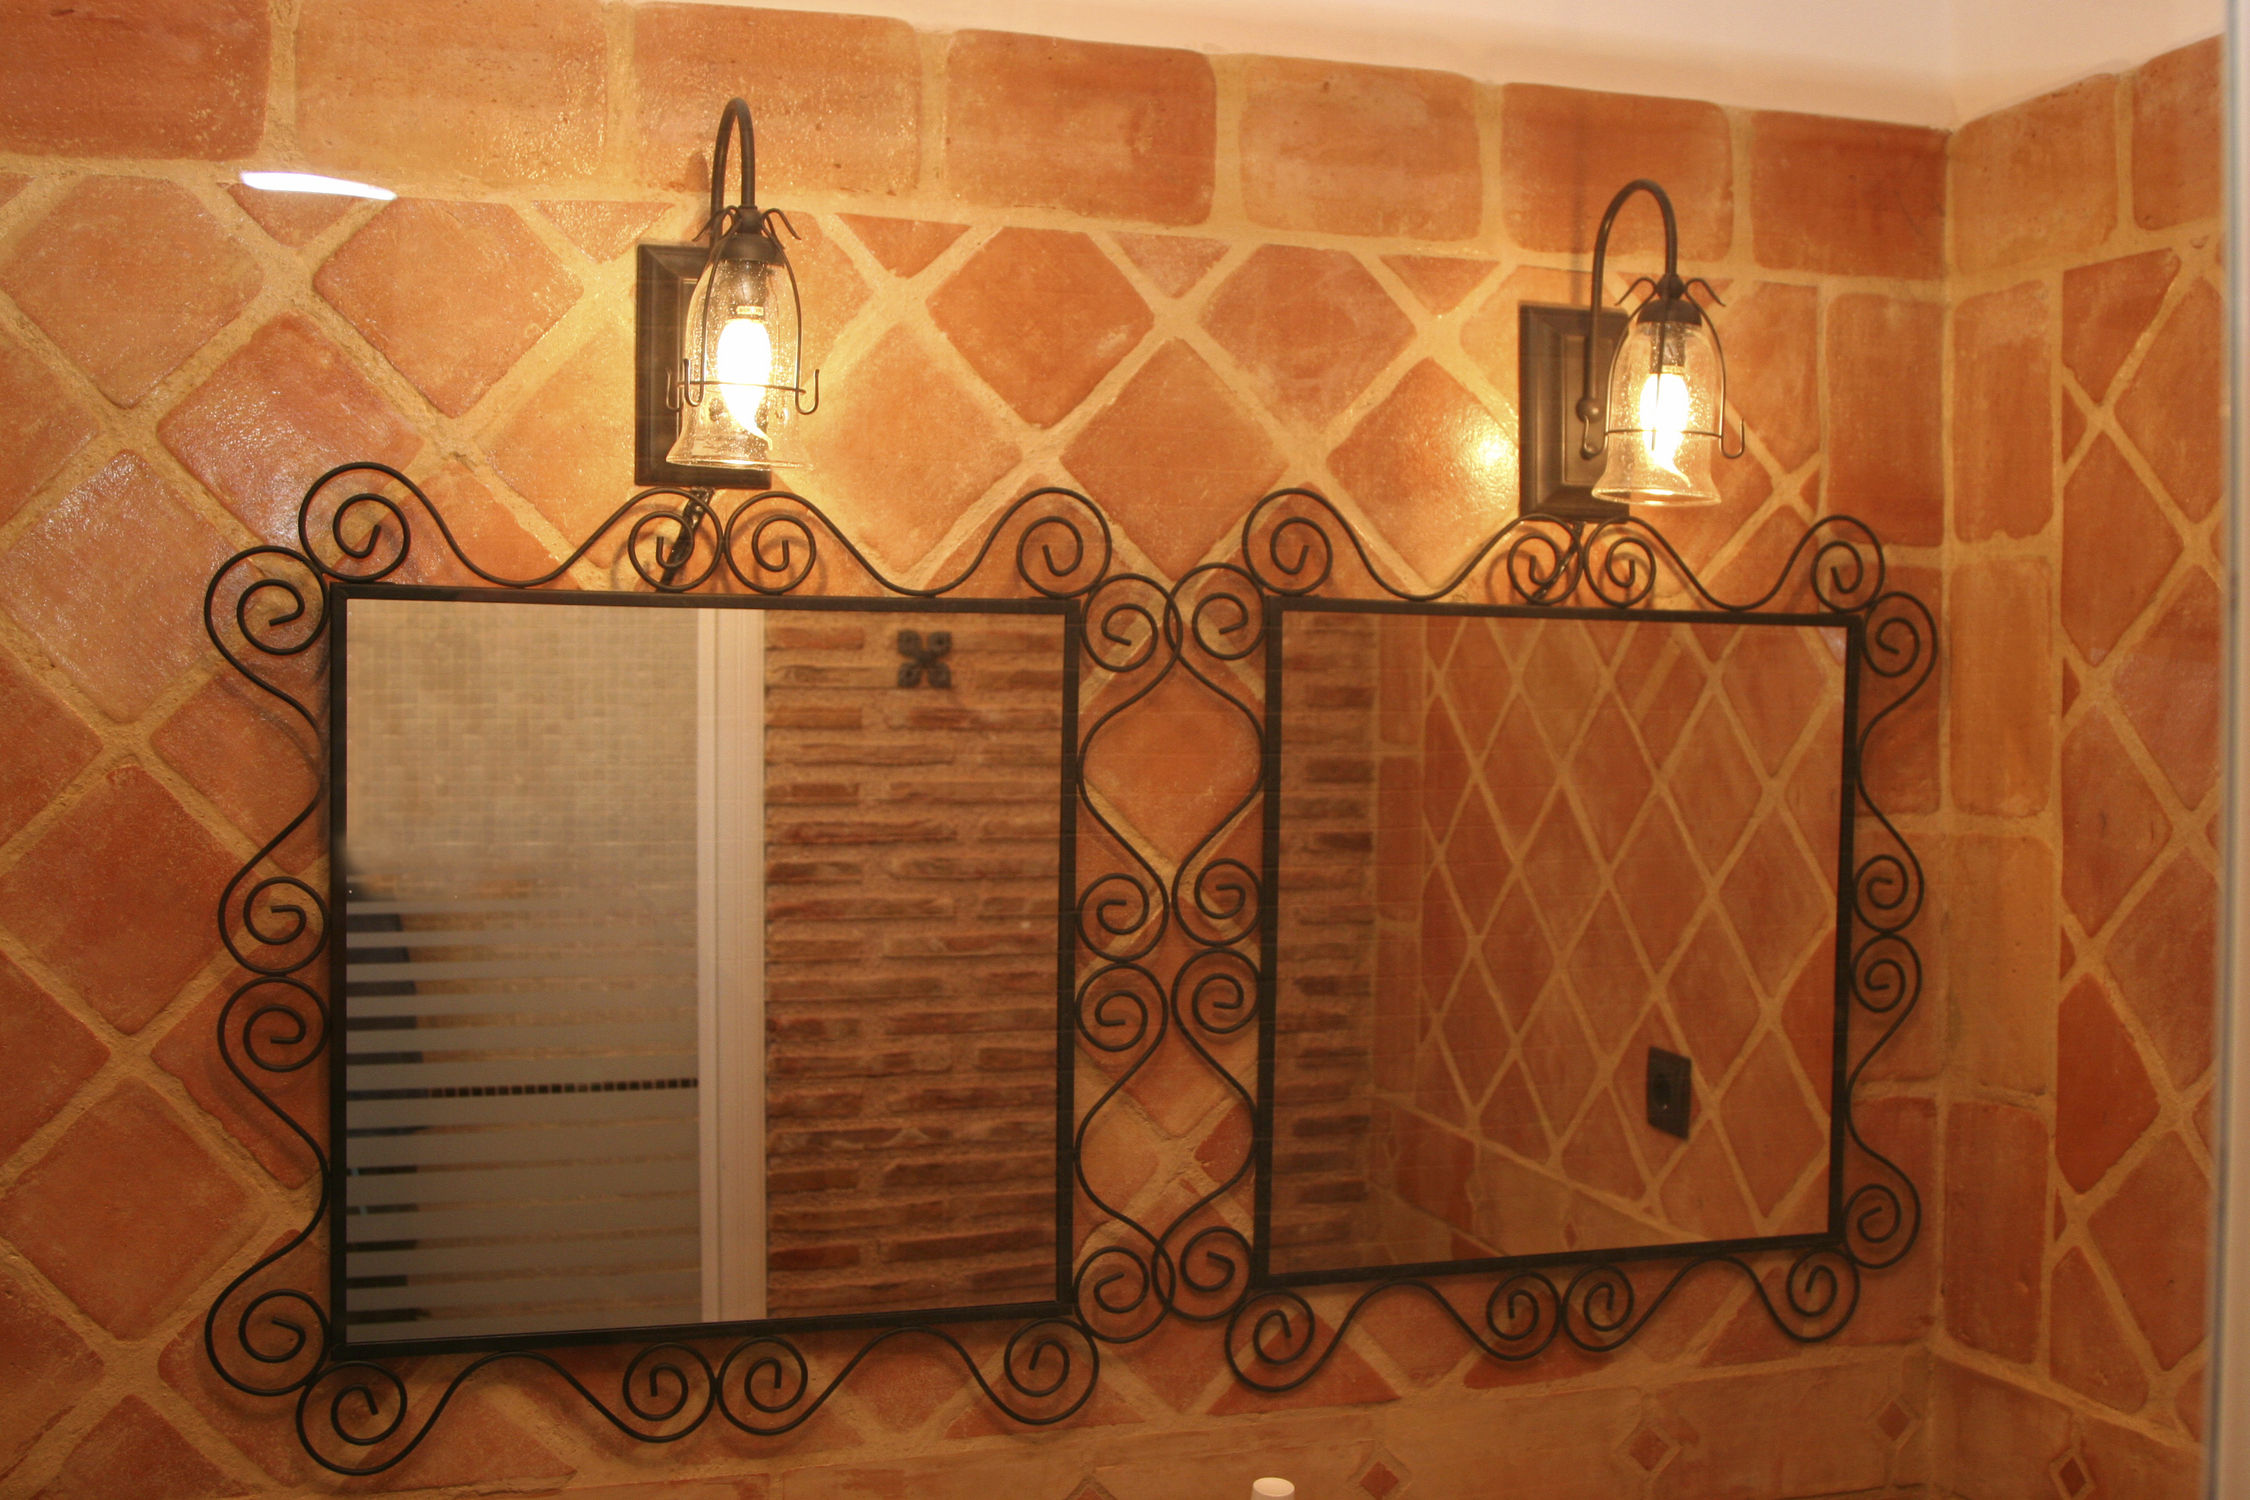 Piastrella da interno da bagno da parete in terracotta